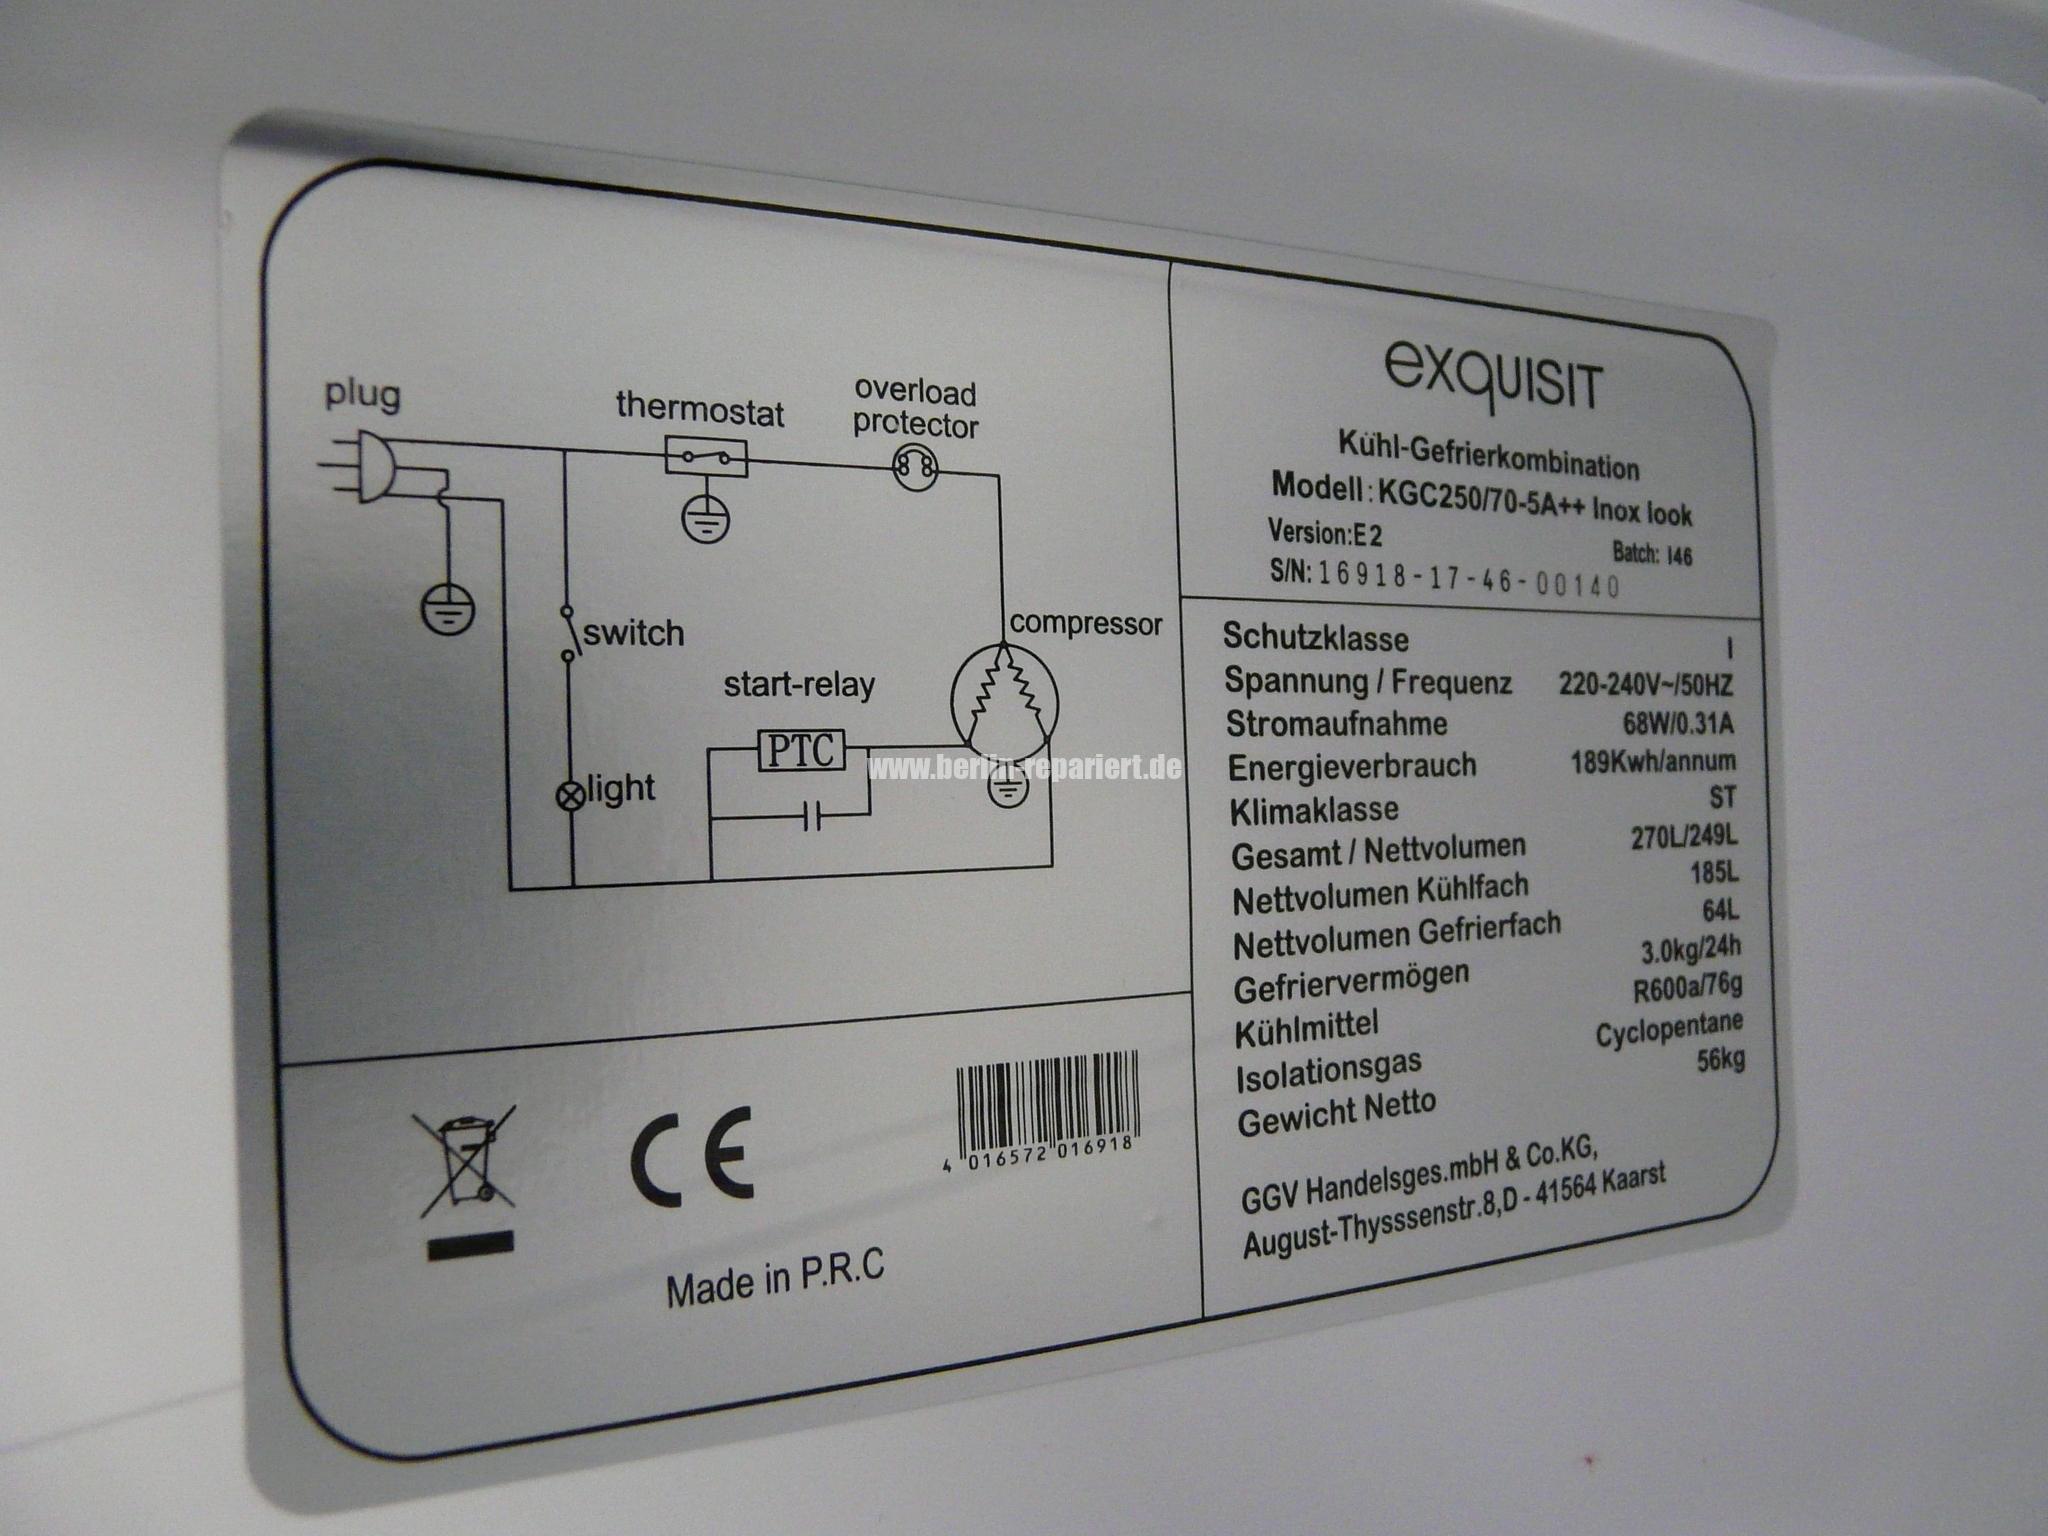 Kühlschrank Verdichter Aufbau : Kühlschrank kompressor reparieren: kühlgeräte reparieren youtube